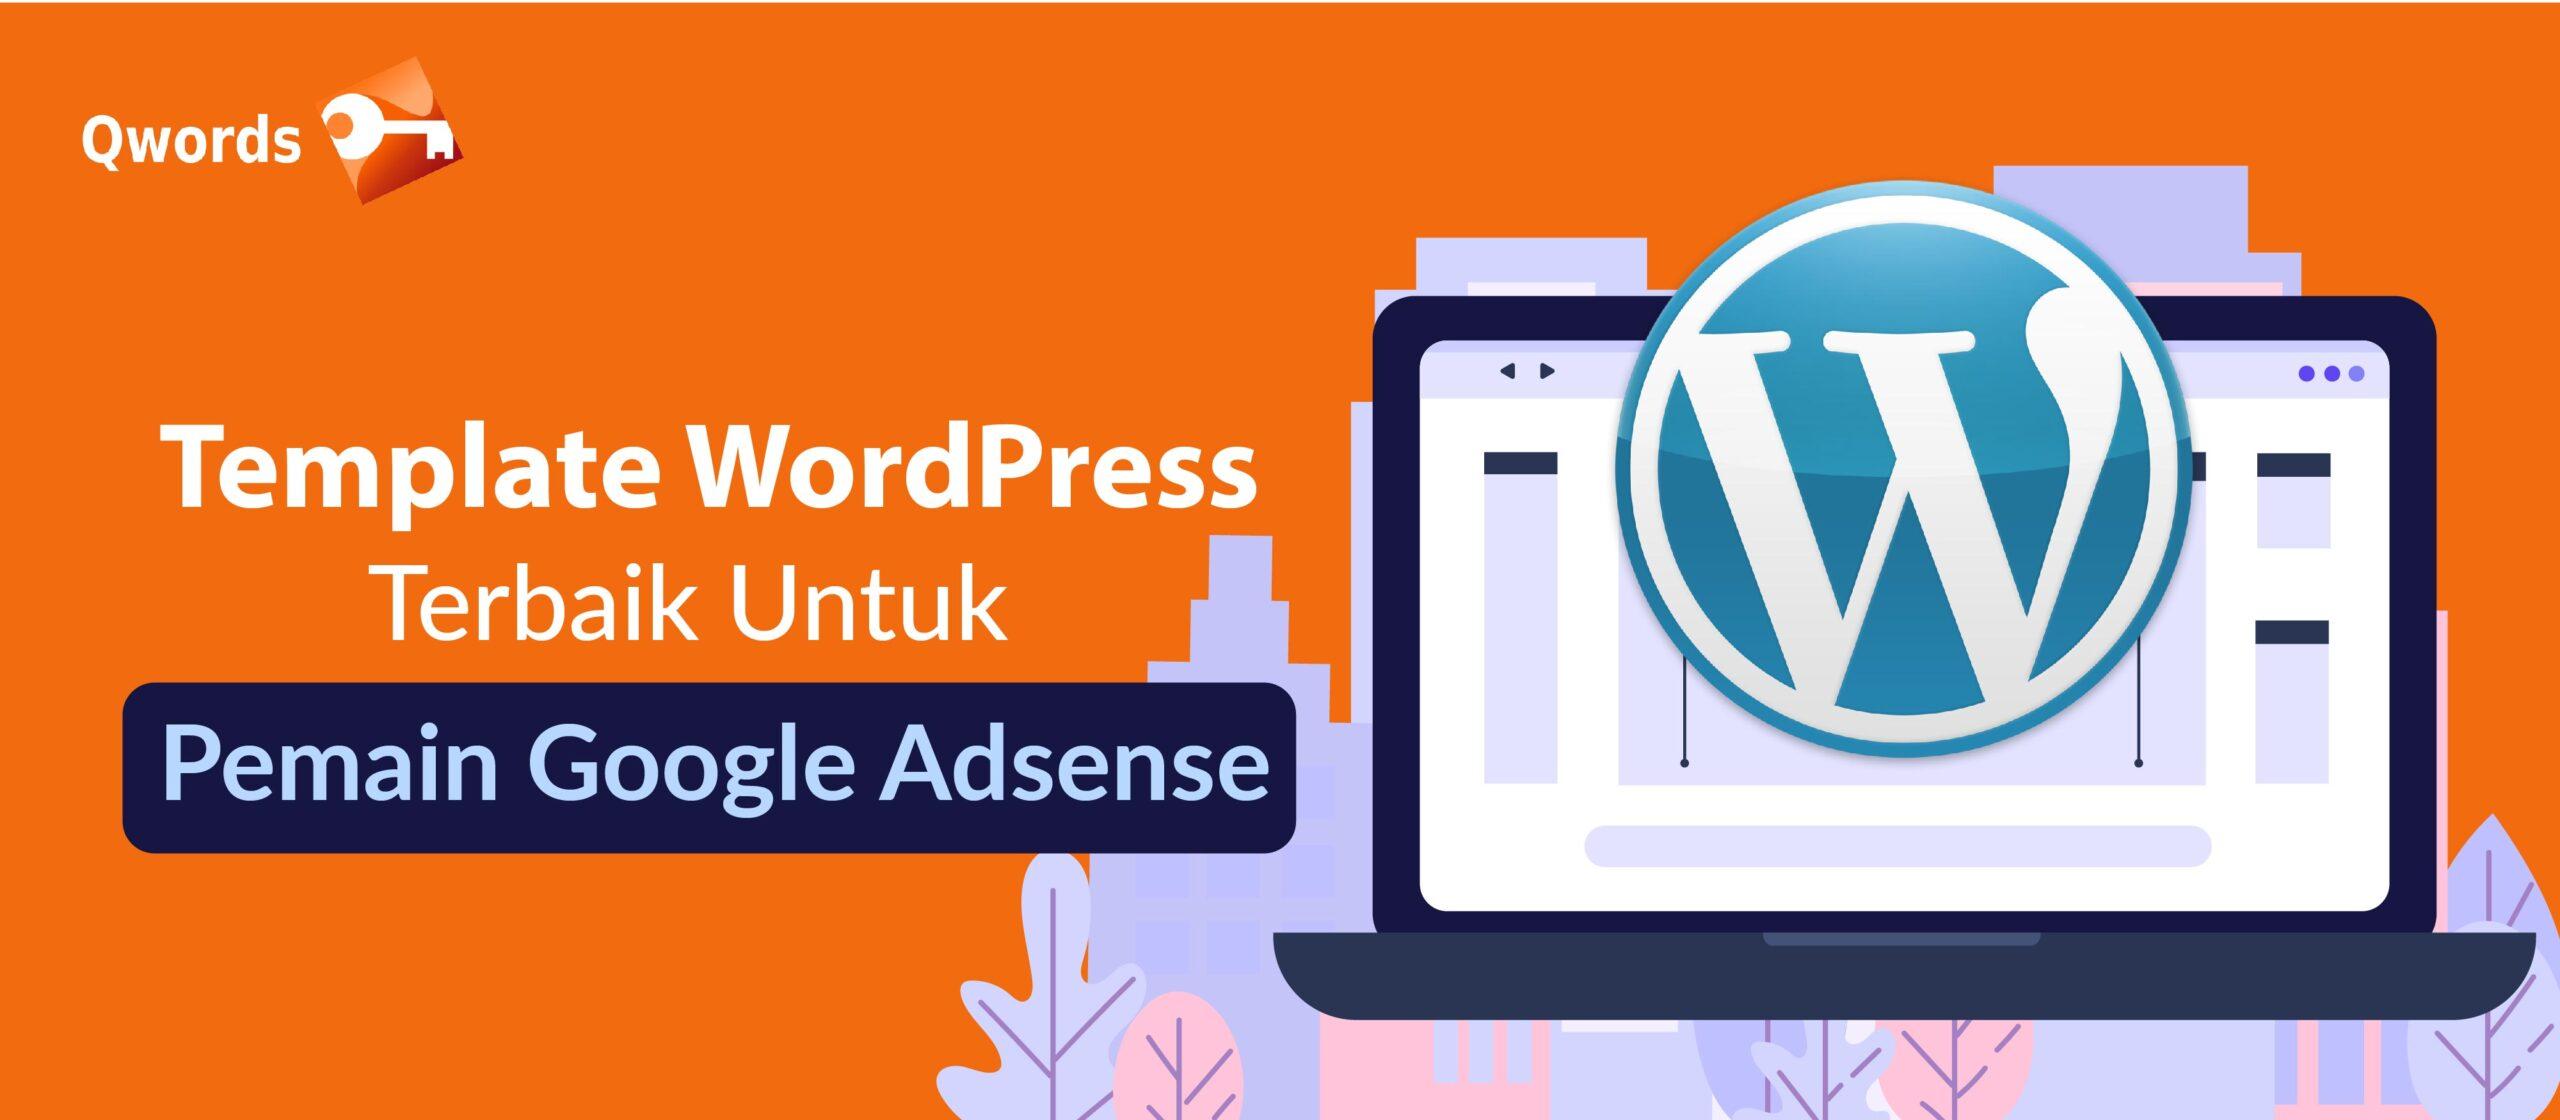 Template WordPress Terbaik Untuk Pemain Google Adsense